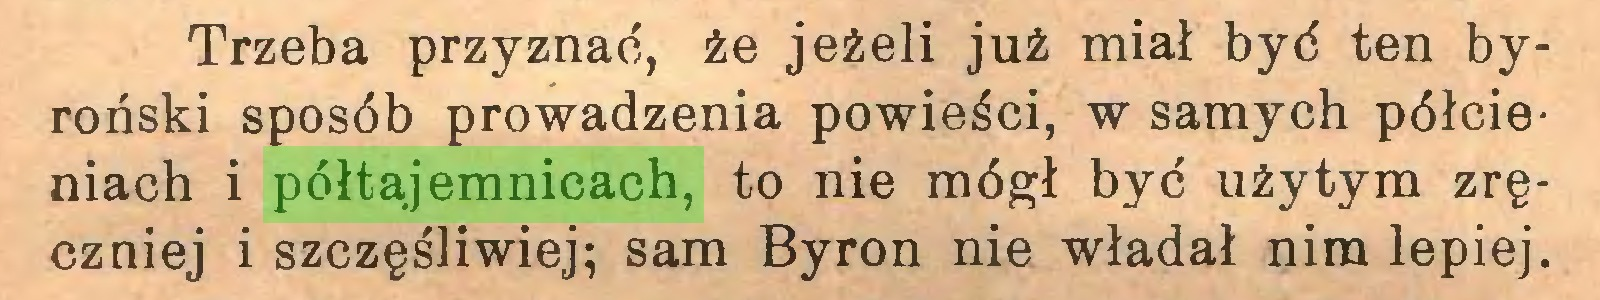 (...) Trzeba przyznać, że jeżeli już miał być ten byroński sposób prowadzenia powieści, w samych półcieniach i półtajemnicach, to nie mógł być użytym zręczniej i szczęśliwiej; sam Byron nie władał nim lepiej...